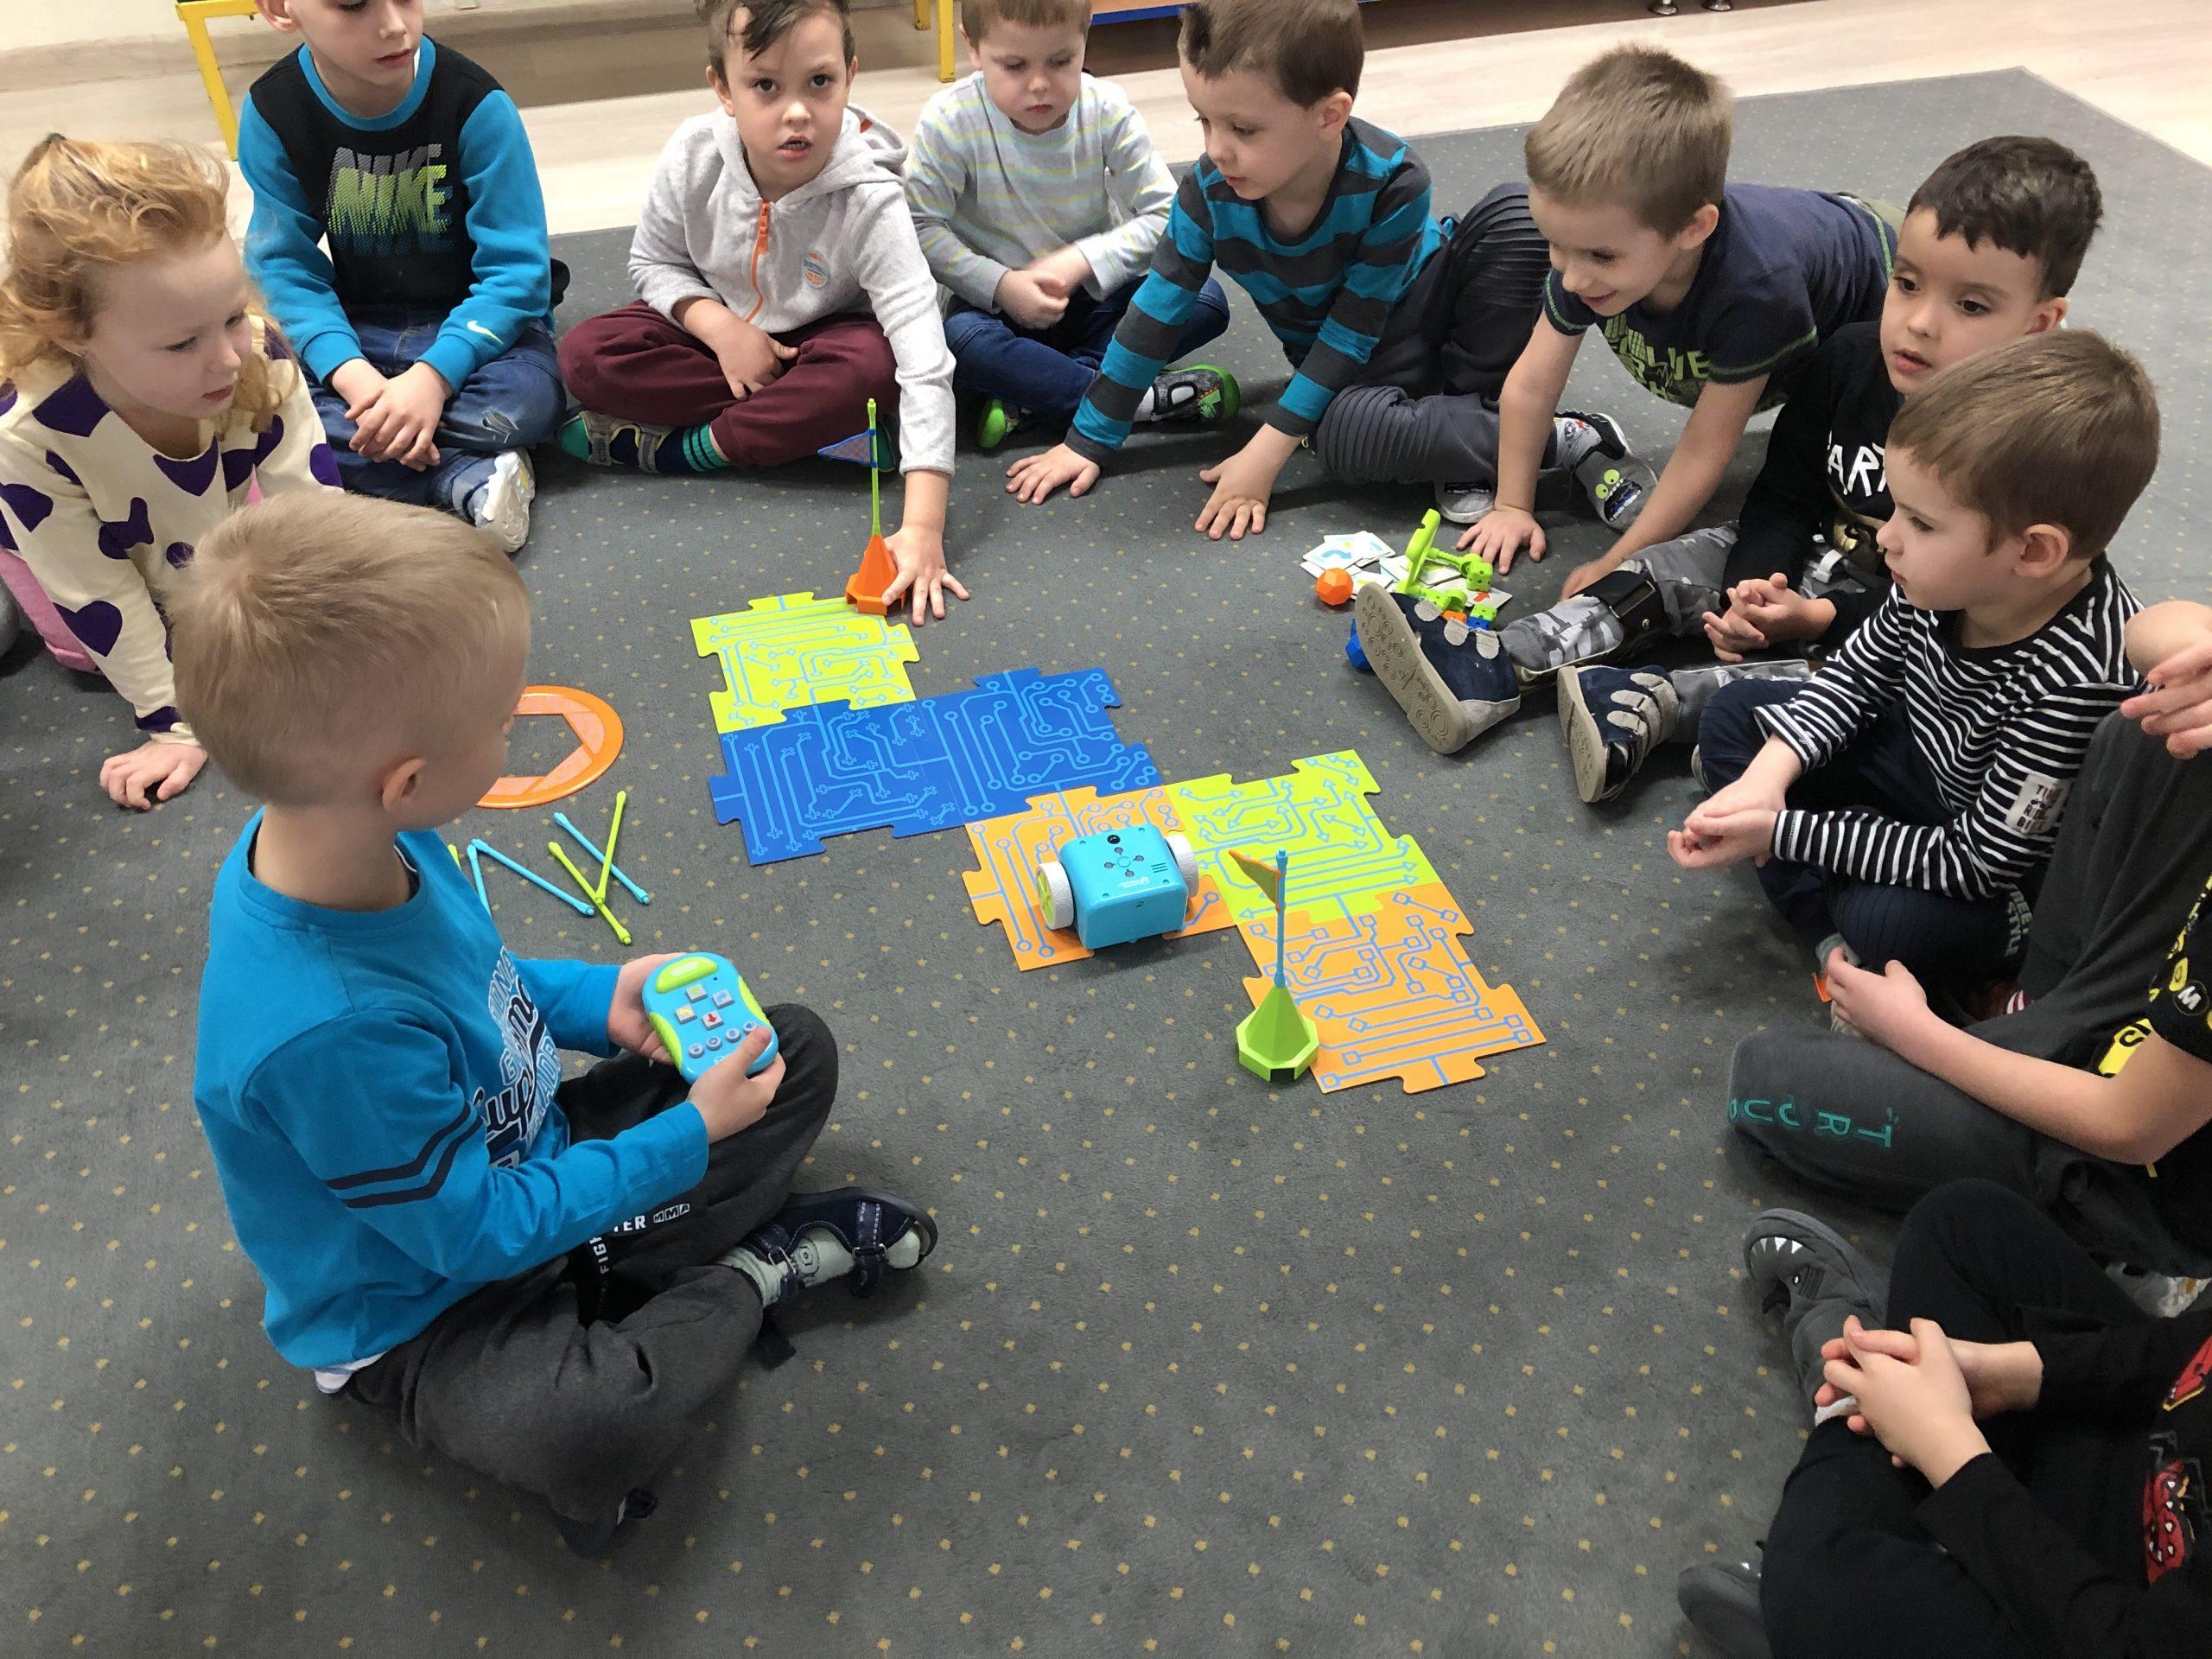 Grupa dzieci siedzących w kole na dywanie. W środku siedzi chłopiec trzymający w ręku pilota. Na dywanie znajduje się robot, który porusza się po wyznaczonej trasie.